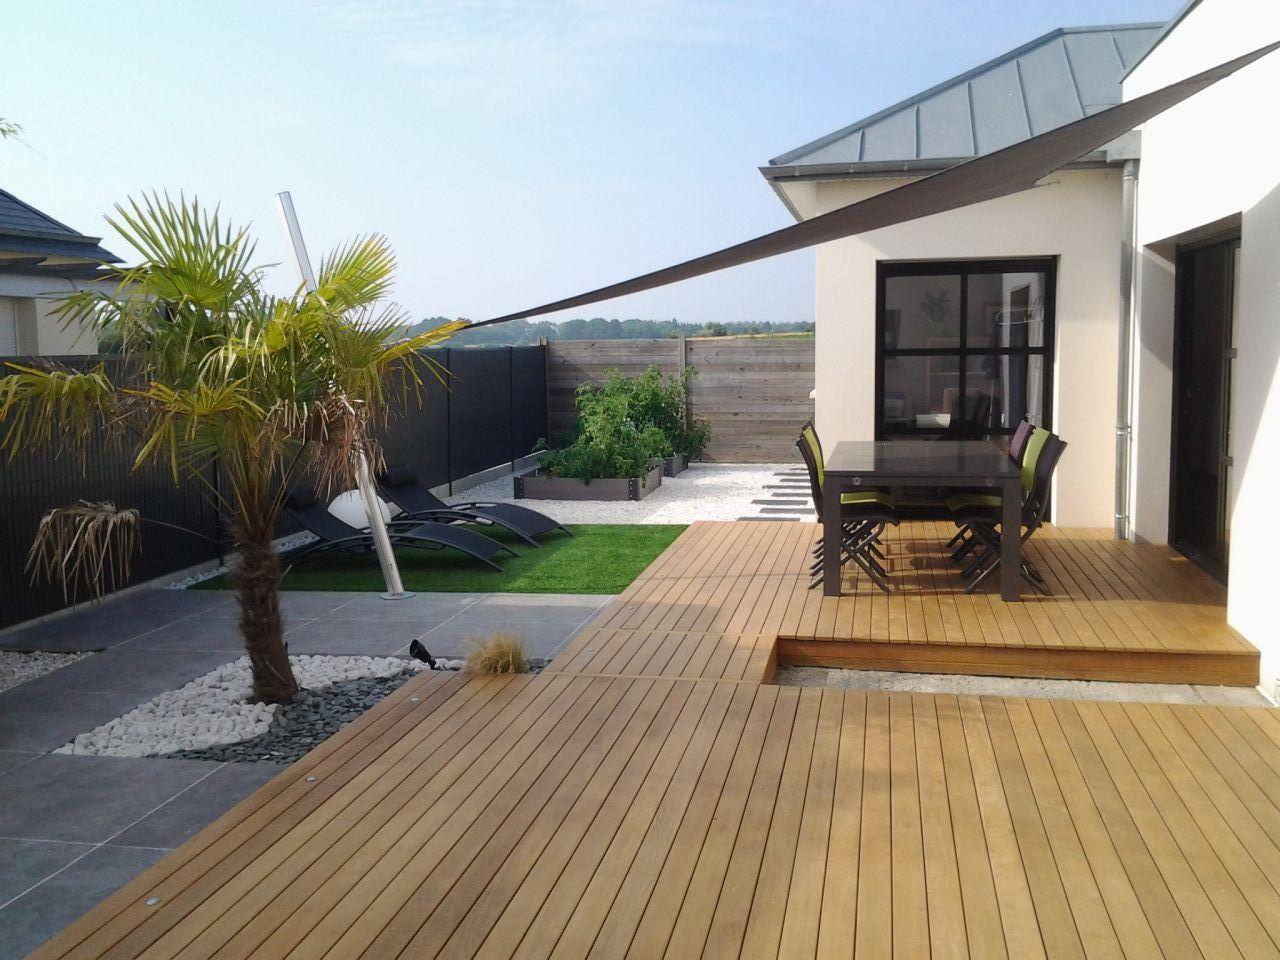 maison moderne terrasse bois. Black Bedroom Furniture Sets. Home Design Ideas